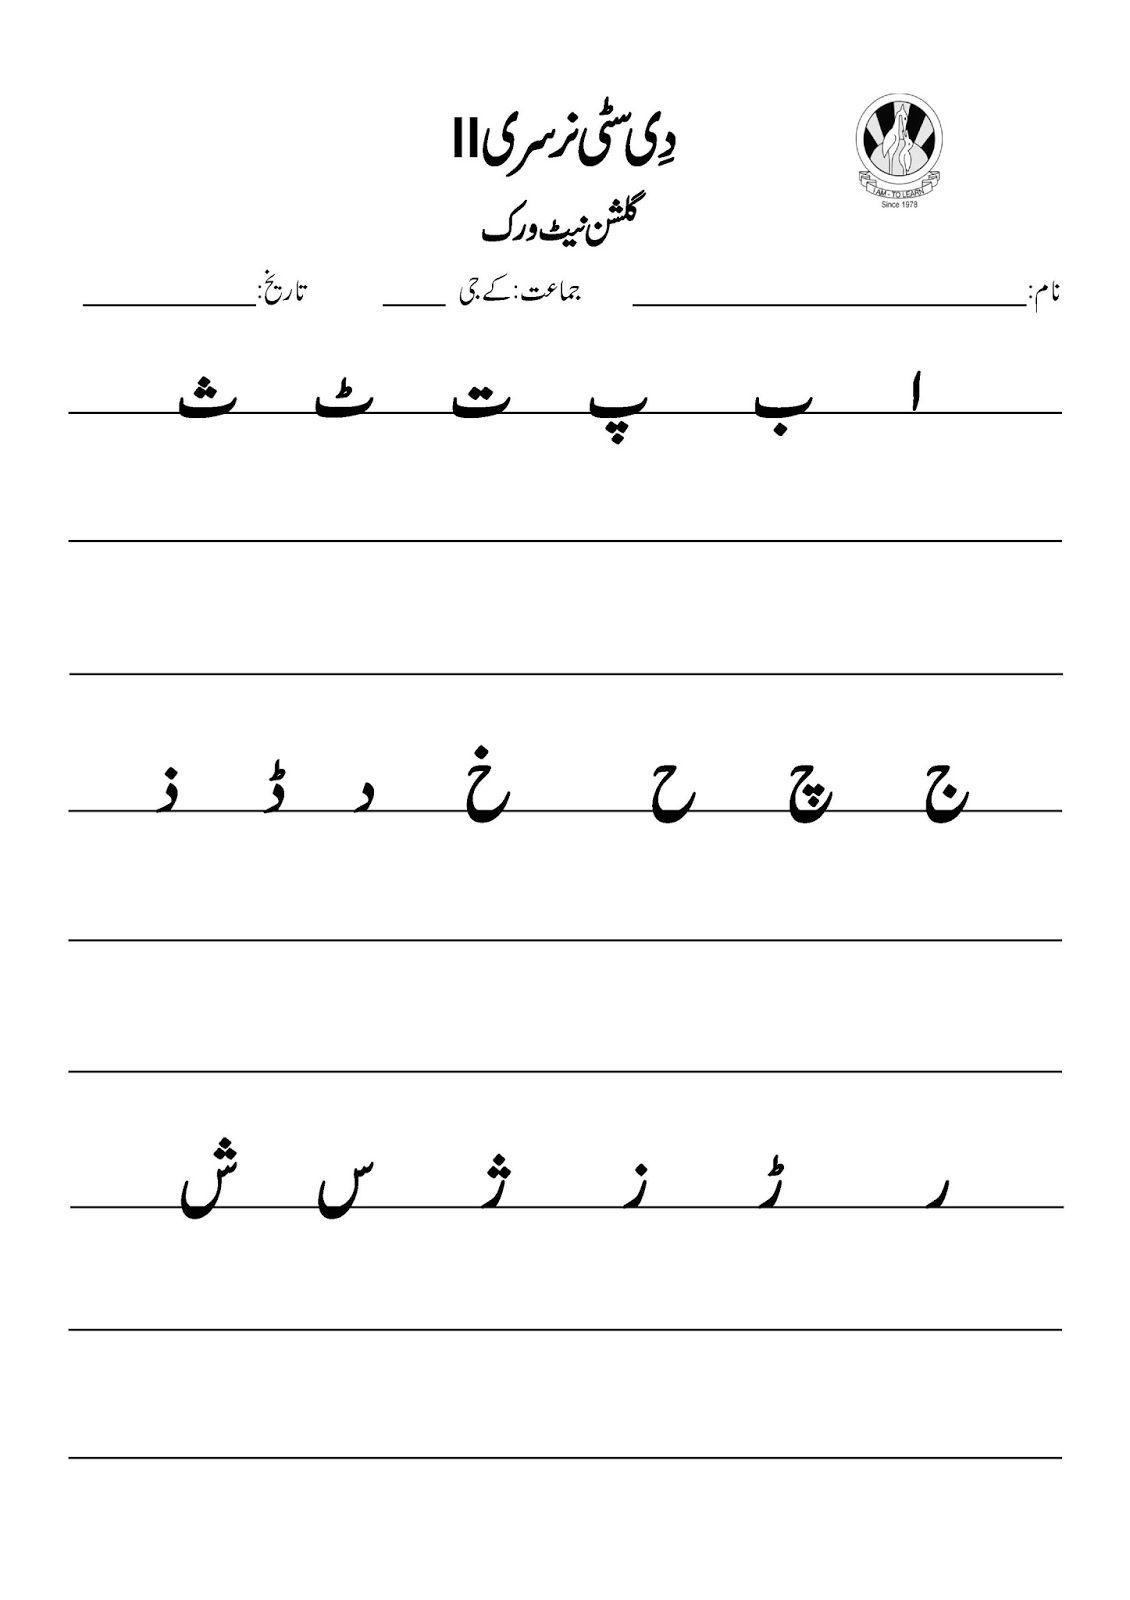 61 Incredible Urdu Alphabet Worksheets